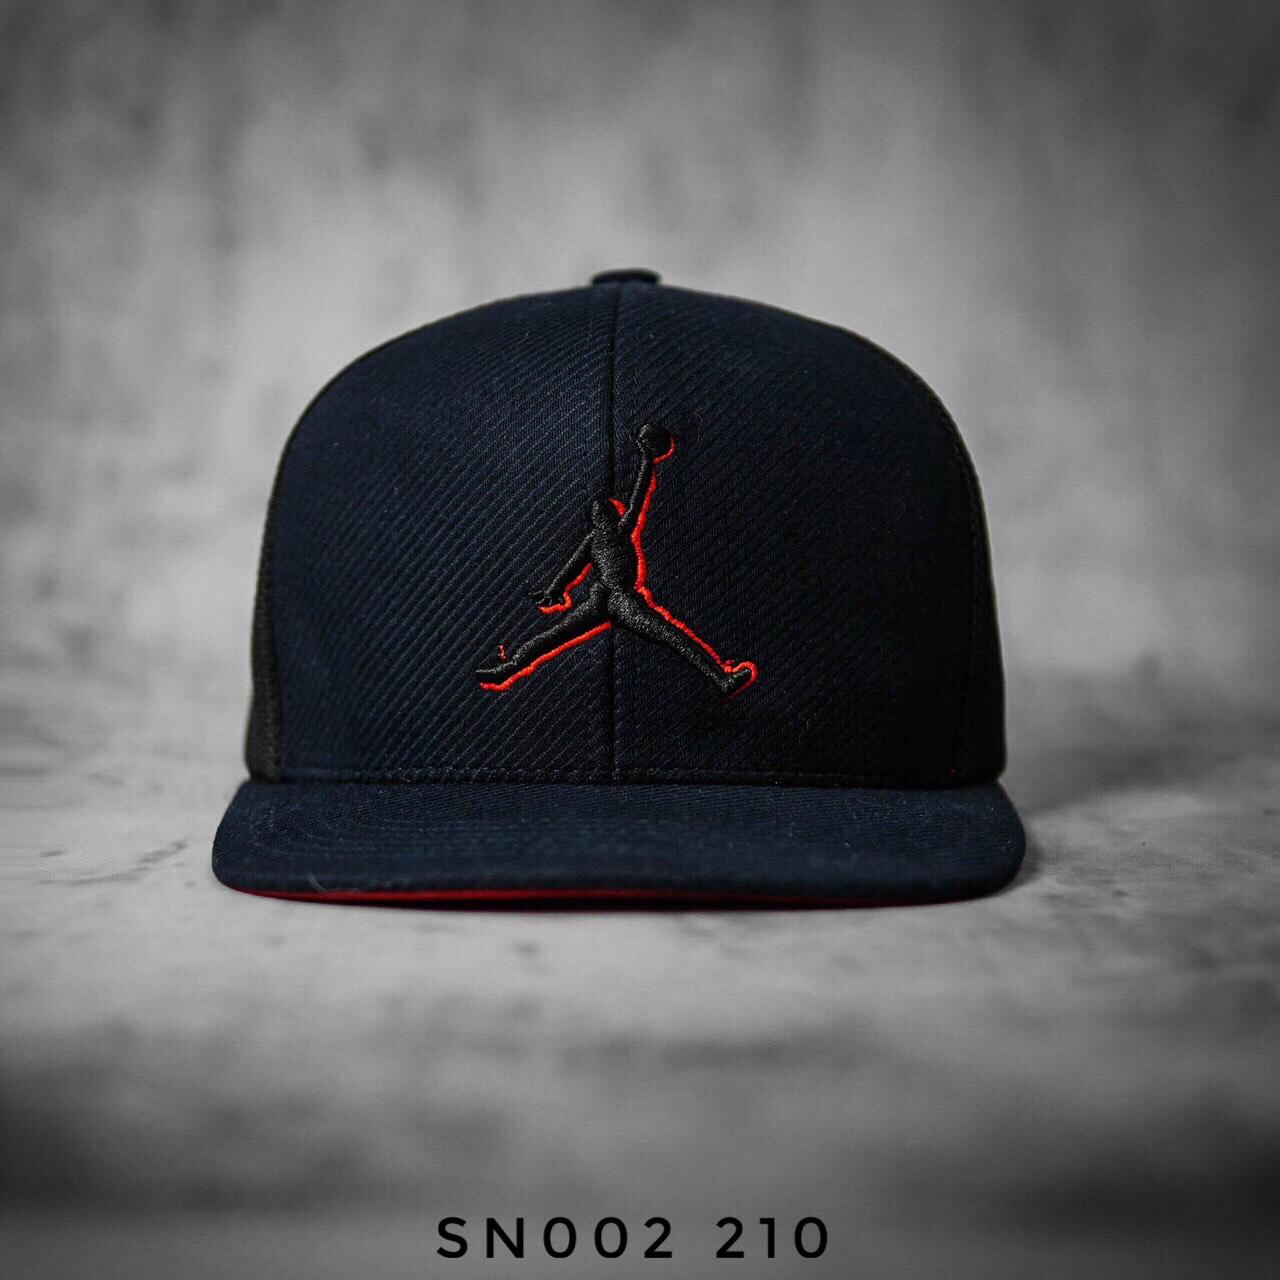 NÓN SN002